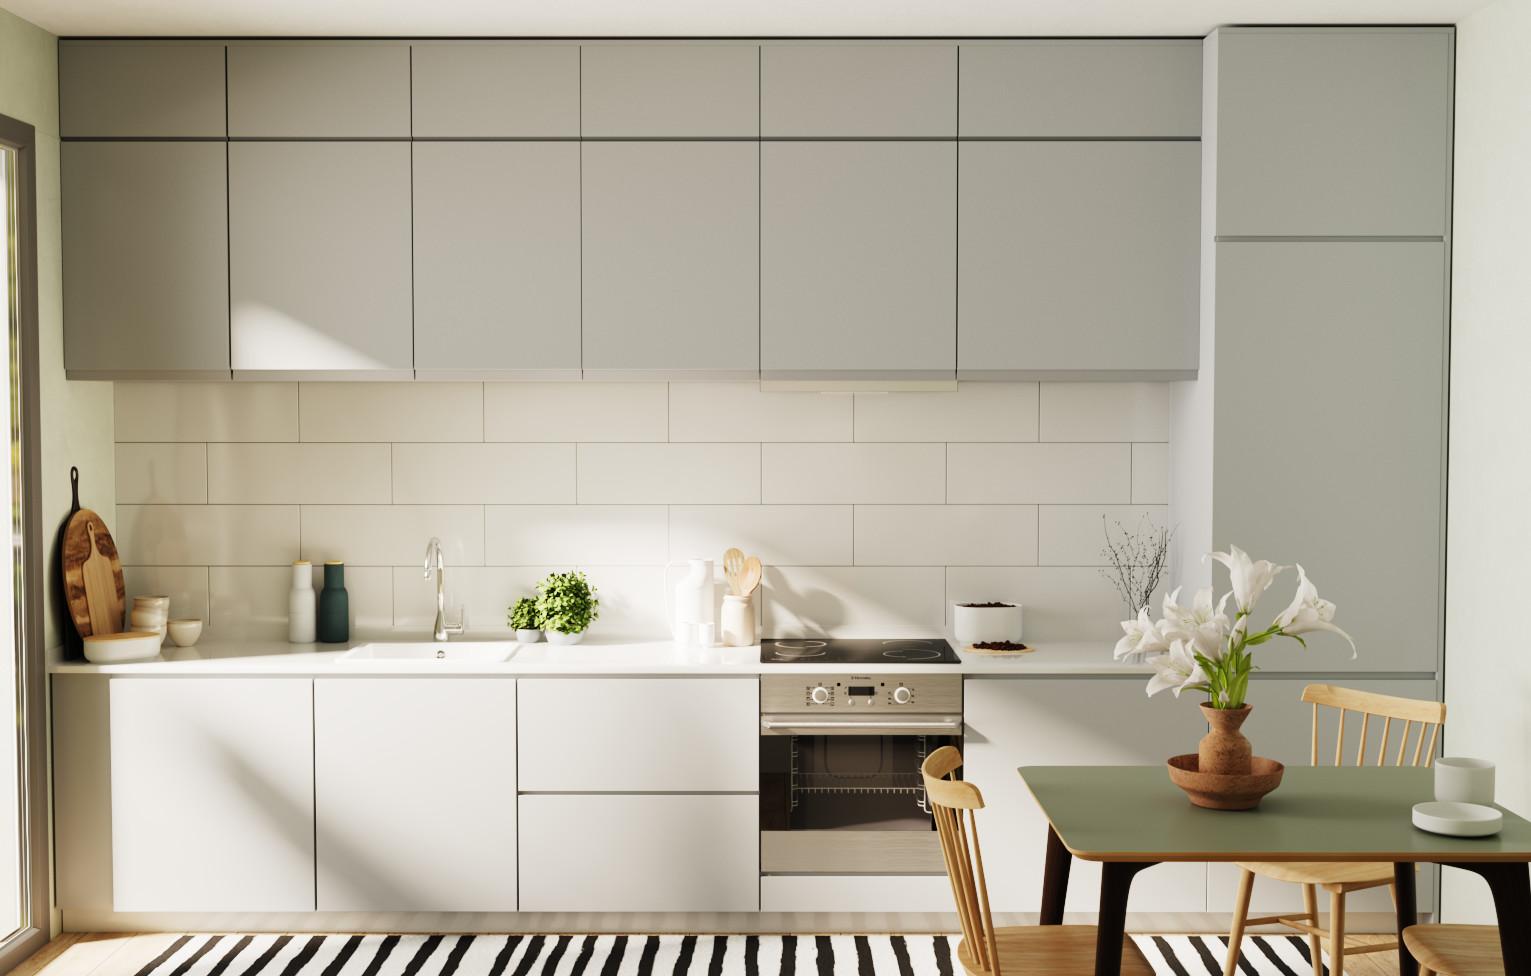 Baboon lab kitchenfront